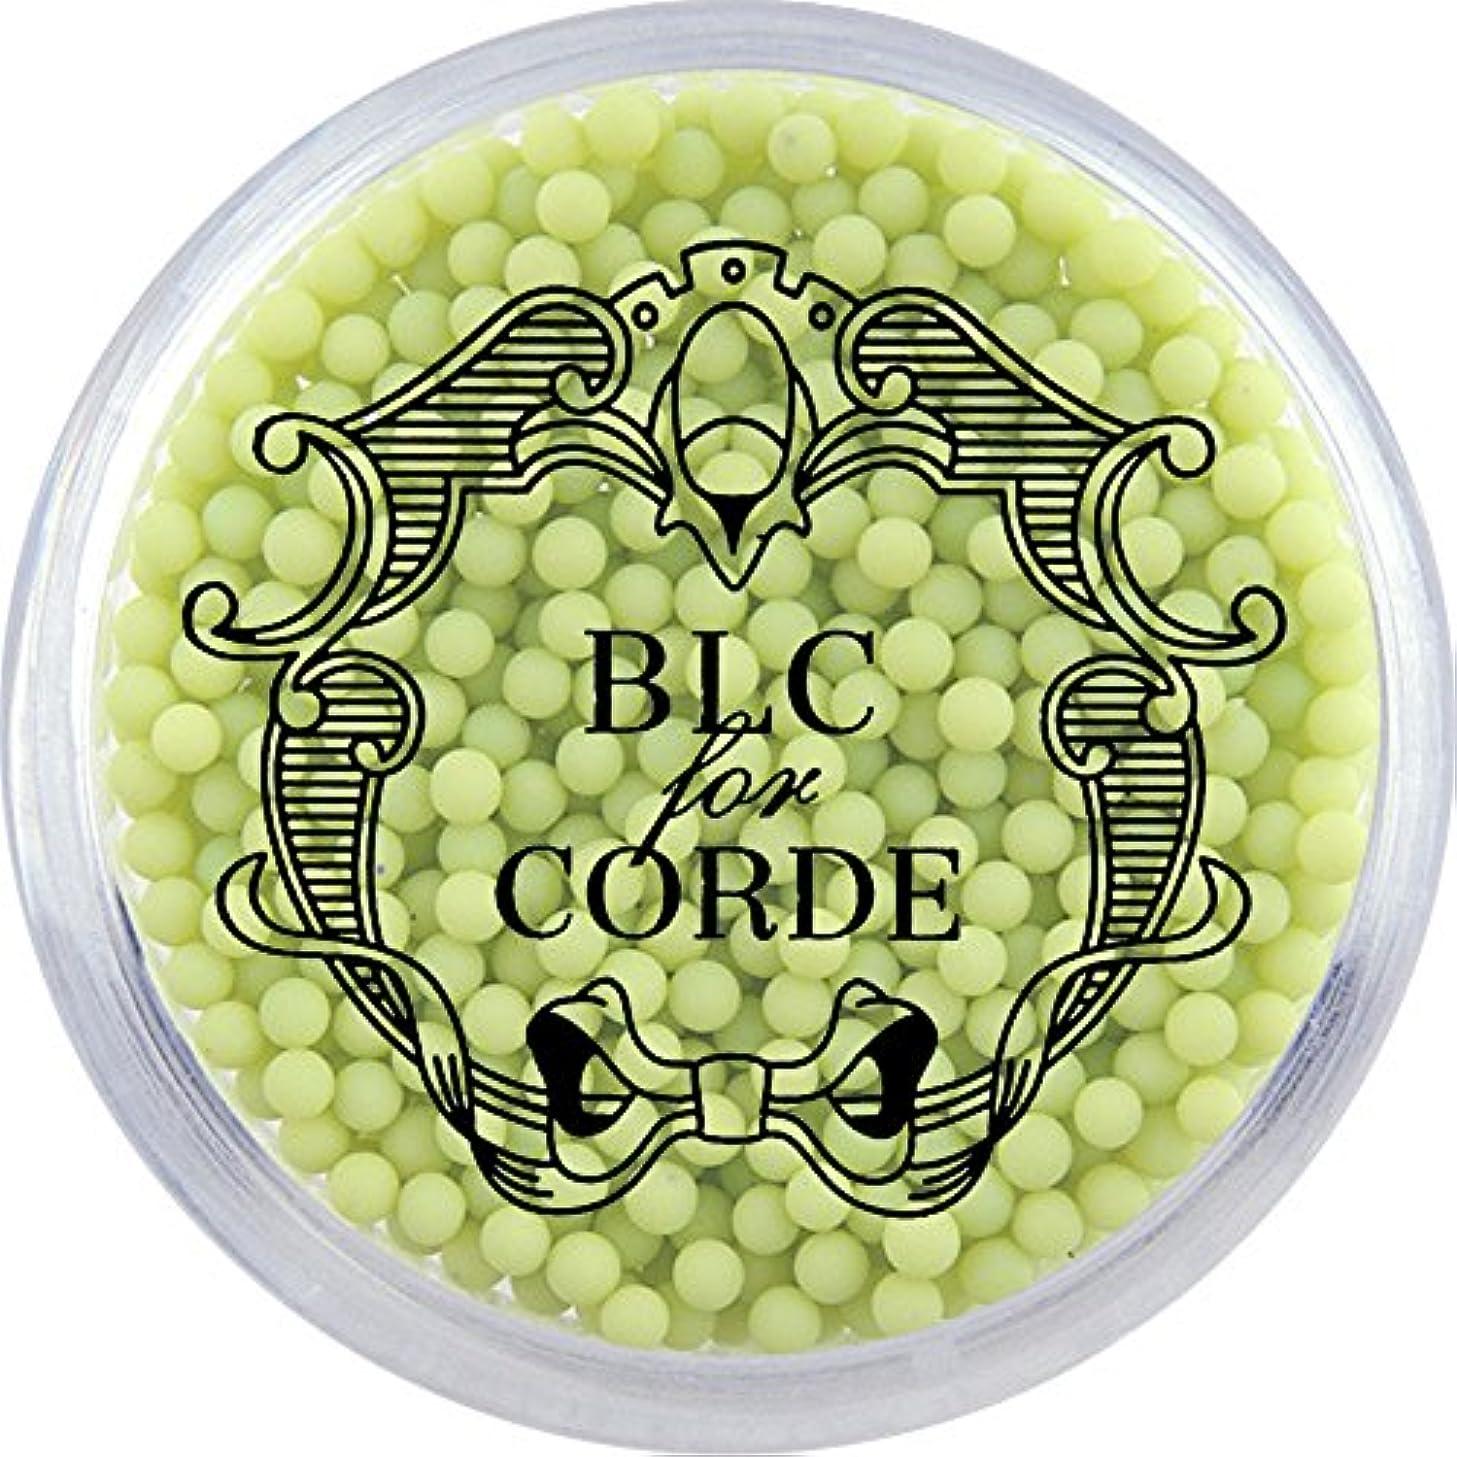 BLC FOR CORDE ガラスブリオン ピスタチオ